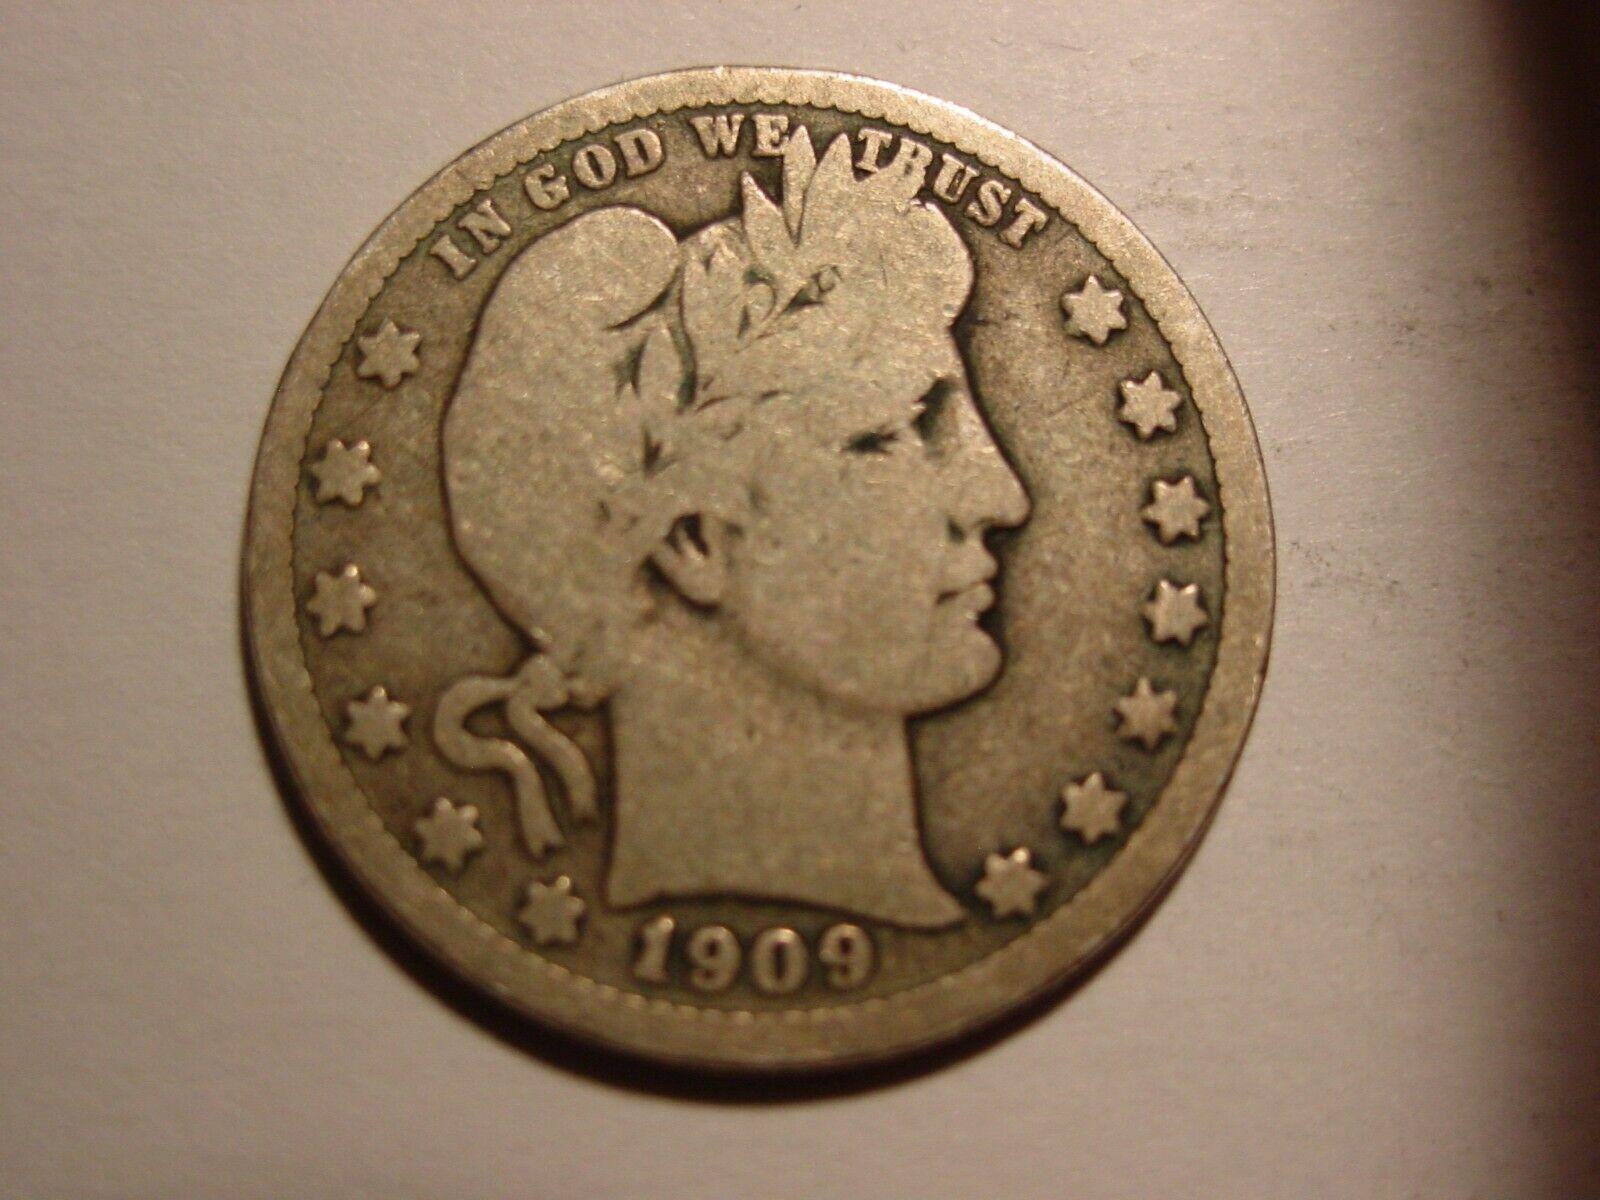 NICE 1909-D BARBER QUARTER - $5.91